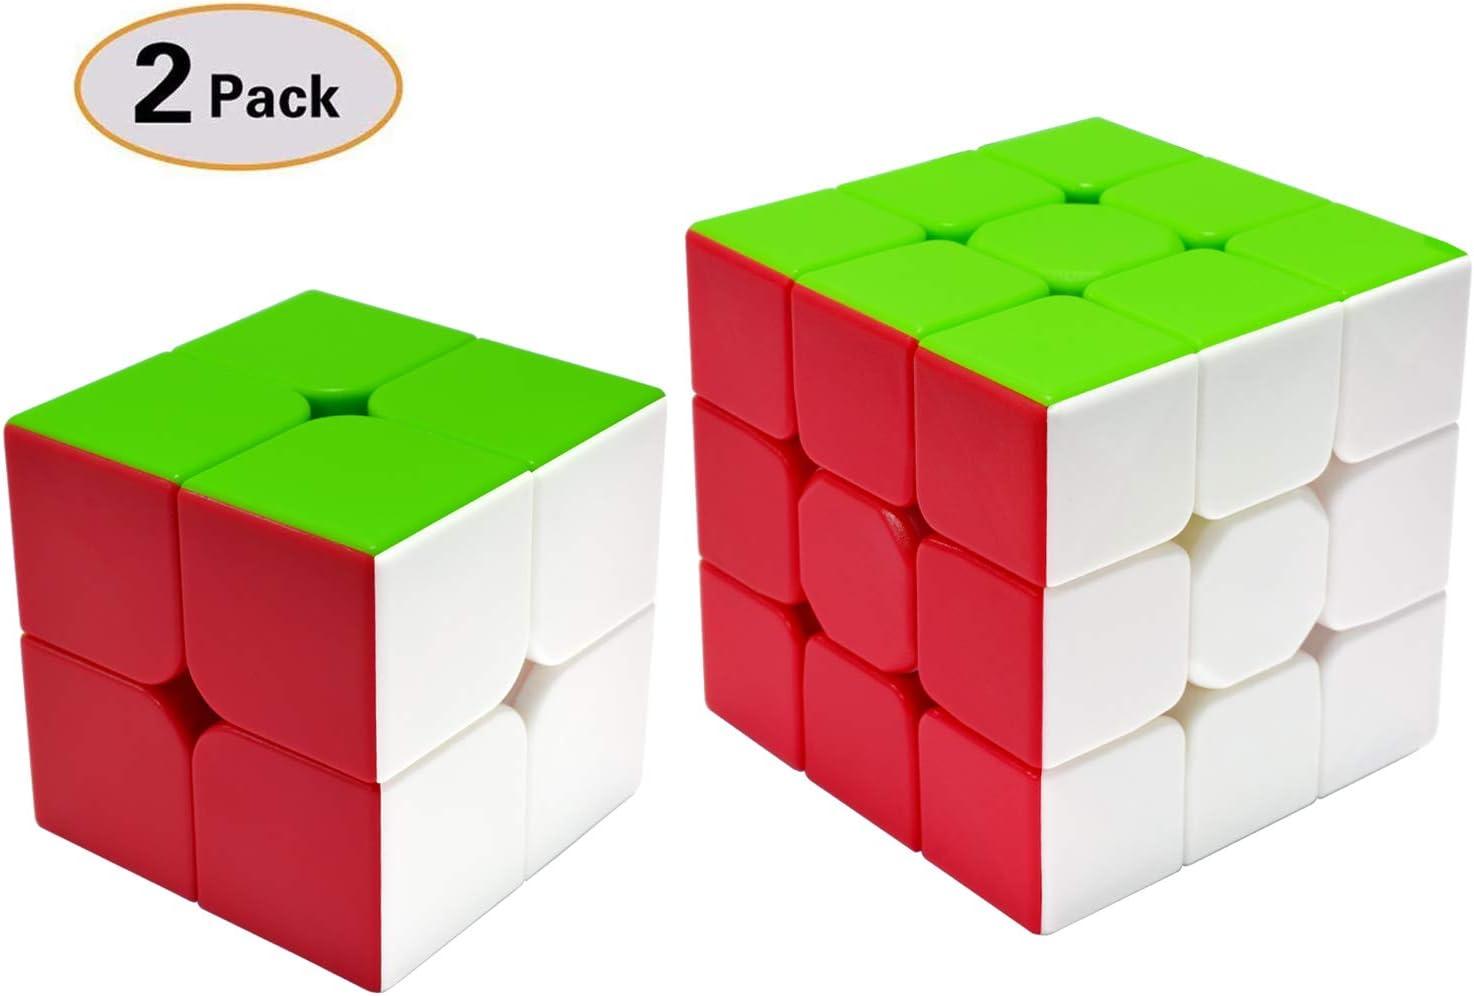 TOYESS Speed Cube Set Stickerless, Cubo de Velocidad 3x3 Stickerless+Cubo Mágico 2x2, Rompecabezas Puzzle Juguetes para Adulto & Niños(2 Pack): Amazon.es: Juguetes y juegos